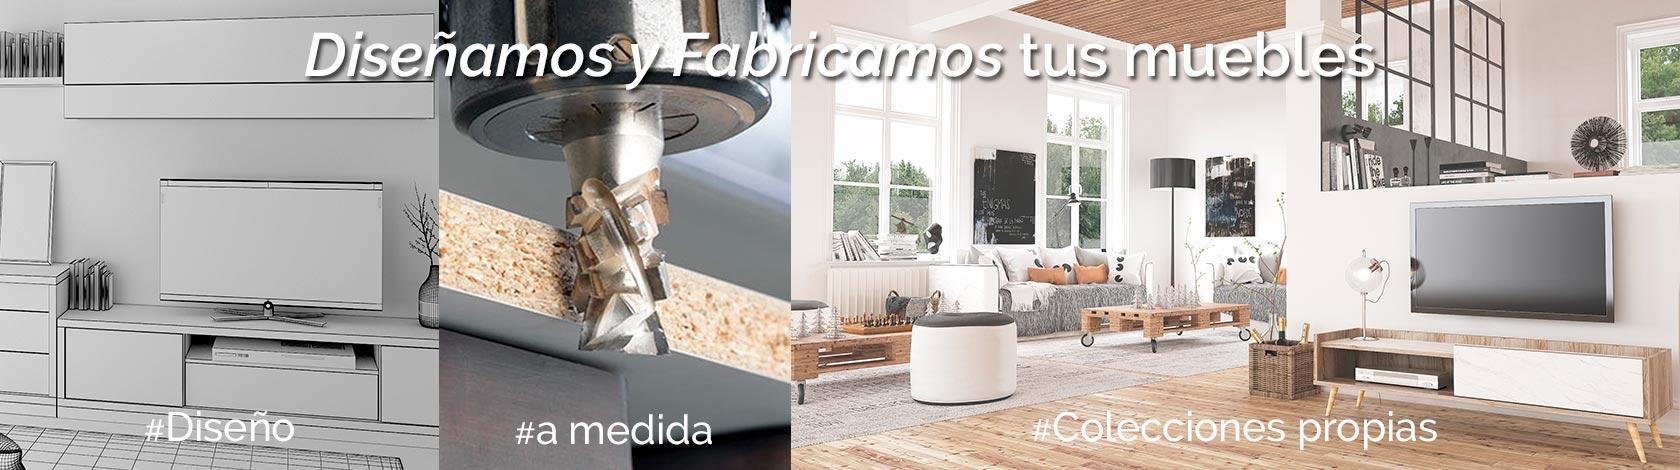 Diseñamos y fabricamos muebles